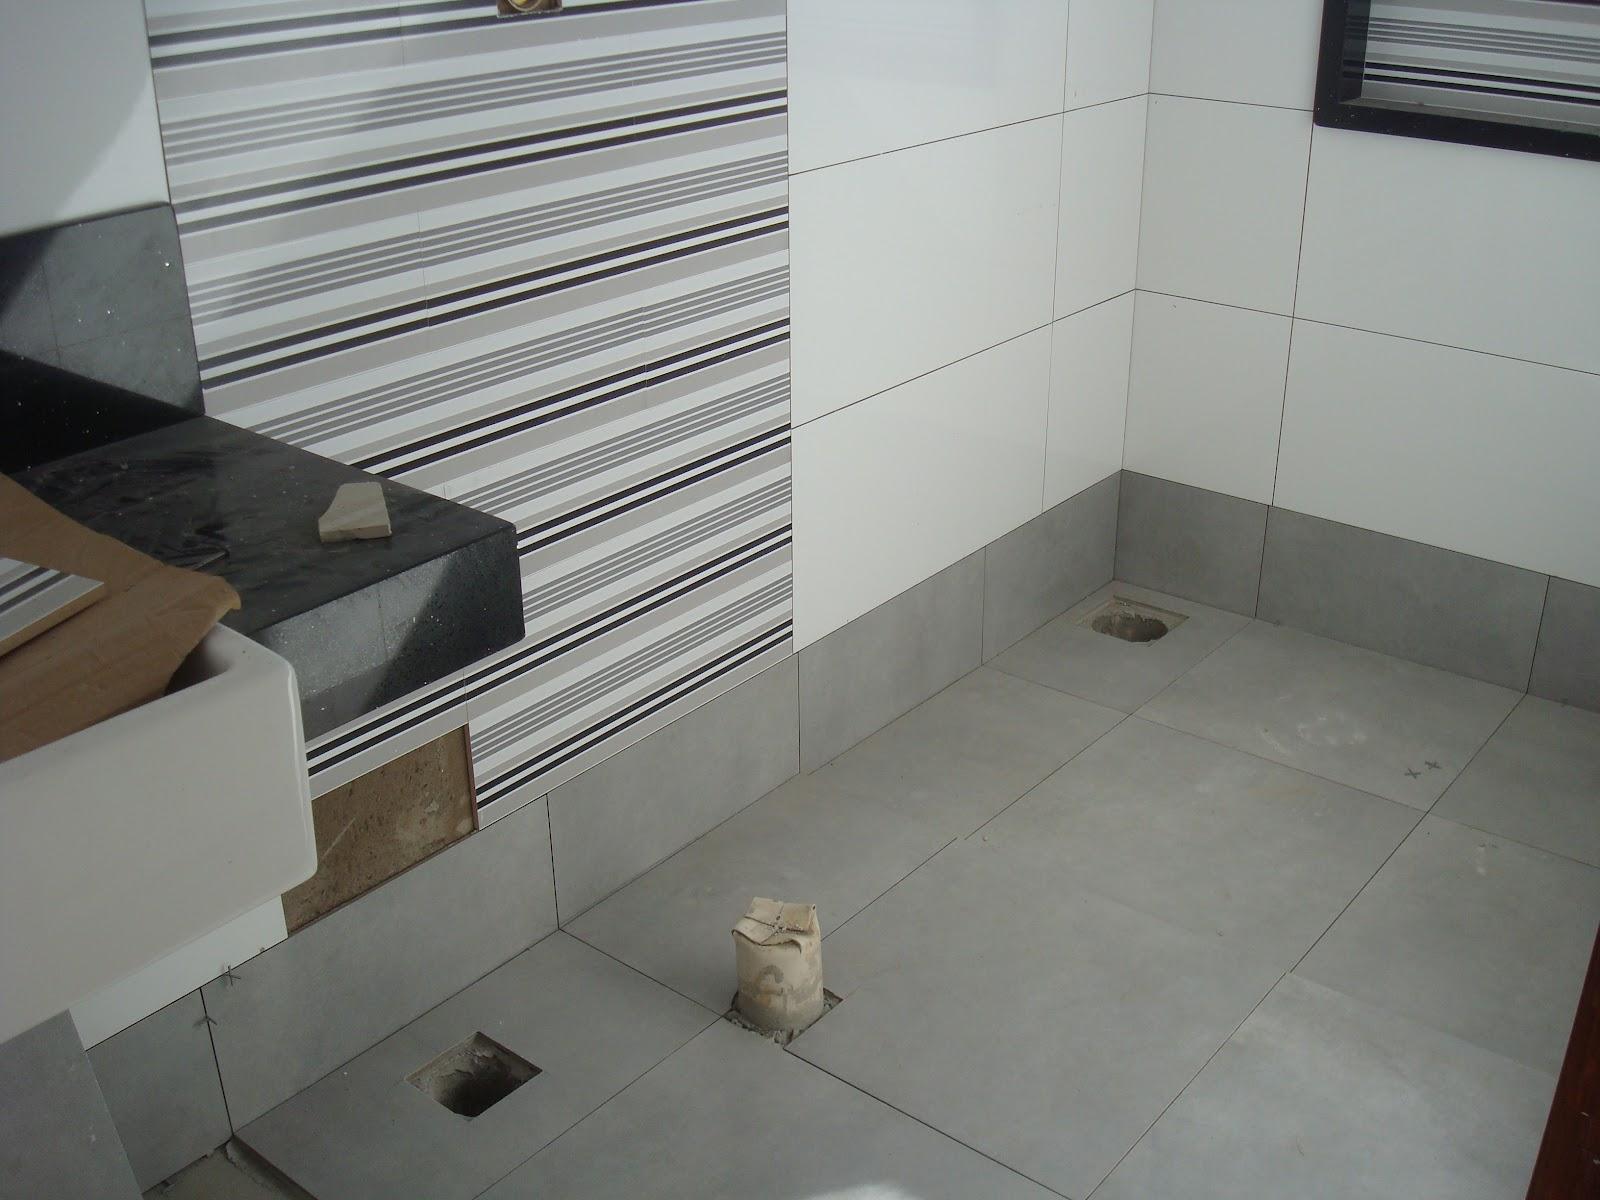 #584A3B Banheiro Casal faltando ainda a parte do rodapé 1600x1200 px tour pelo meu banheiro com banheira